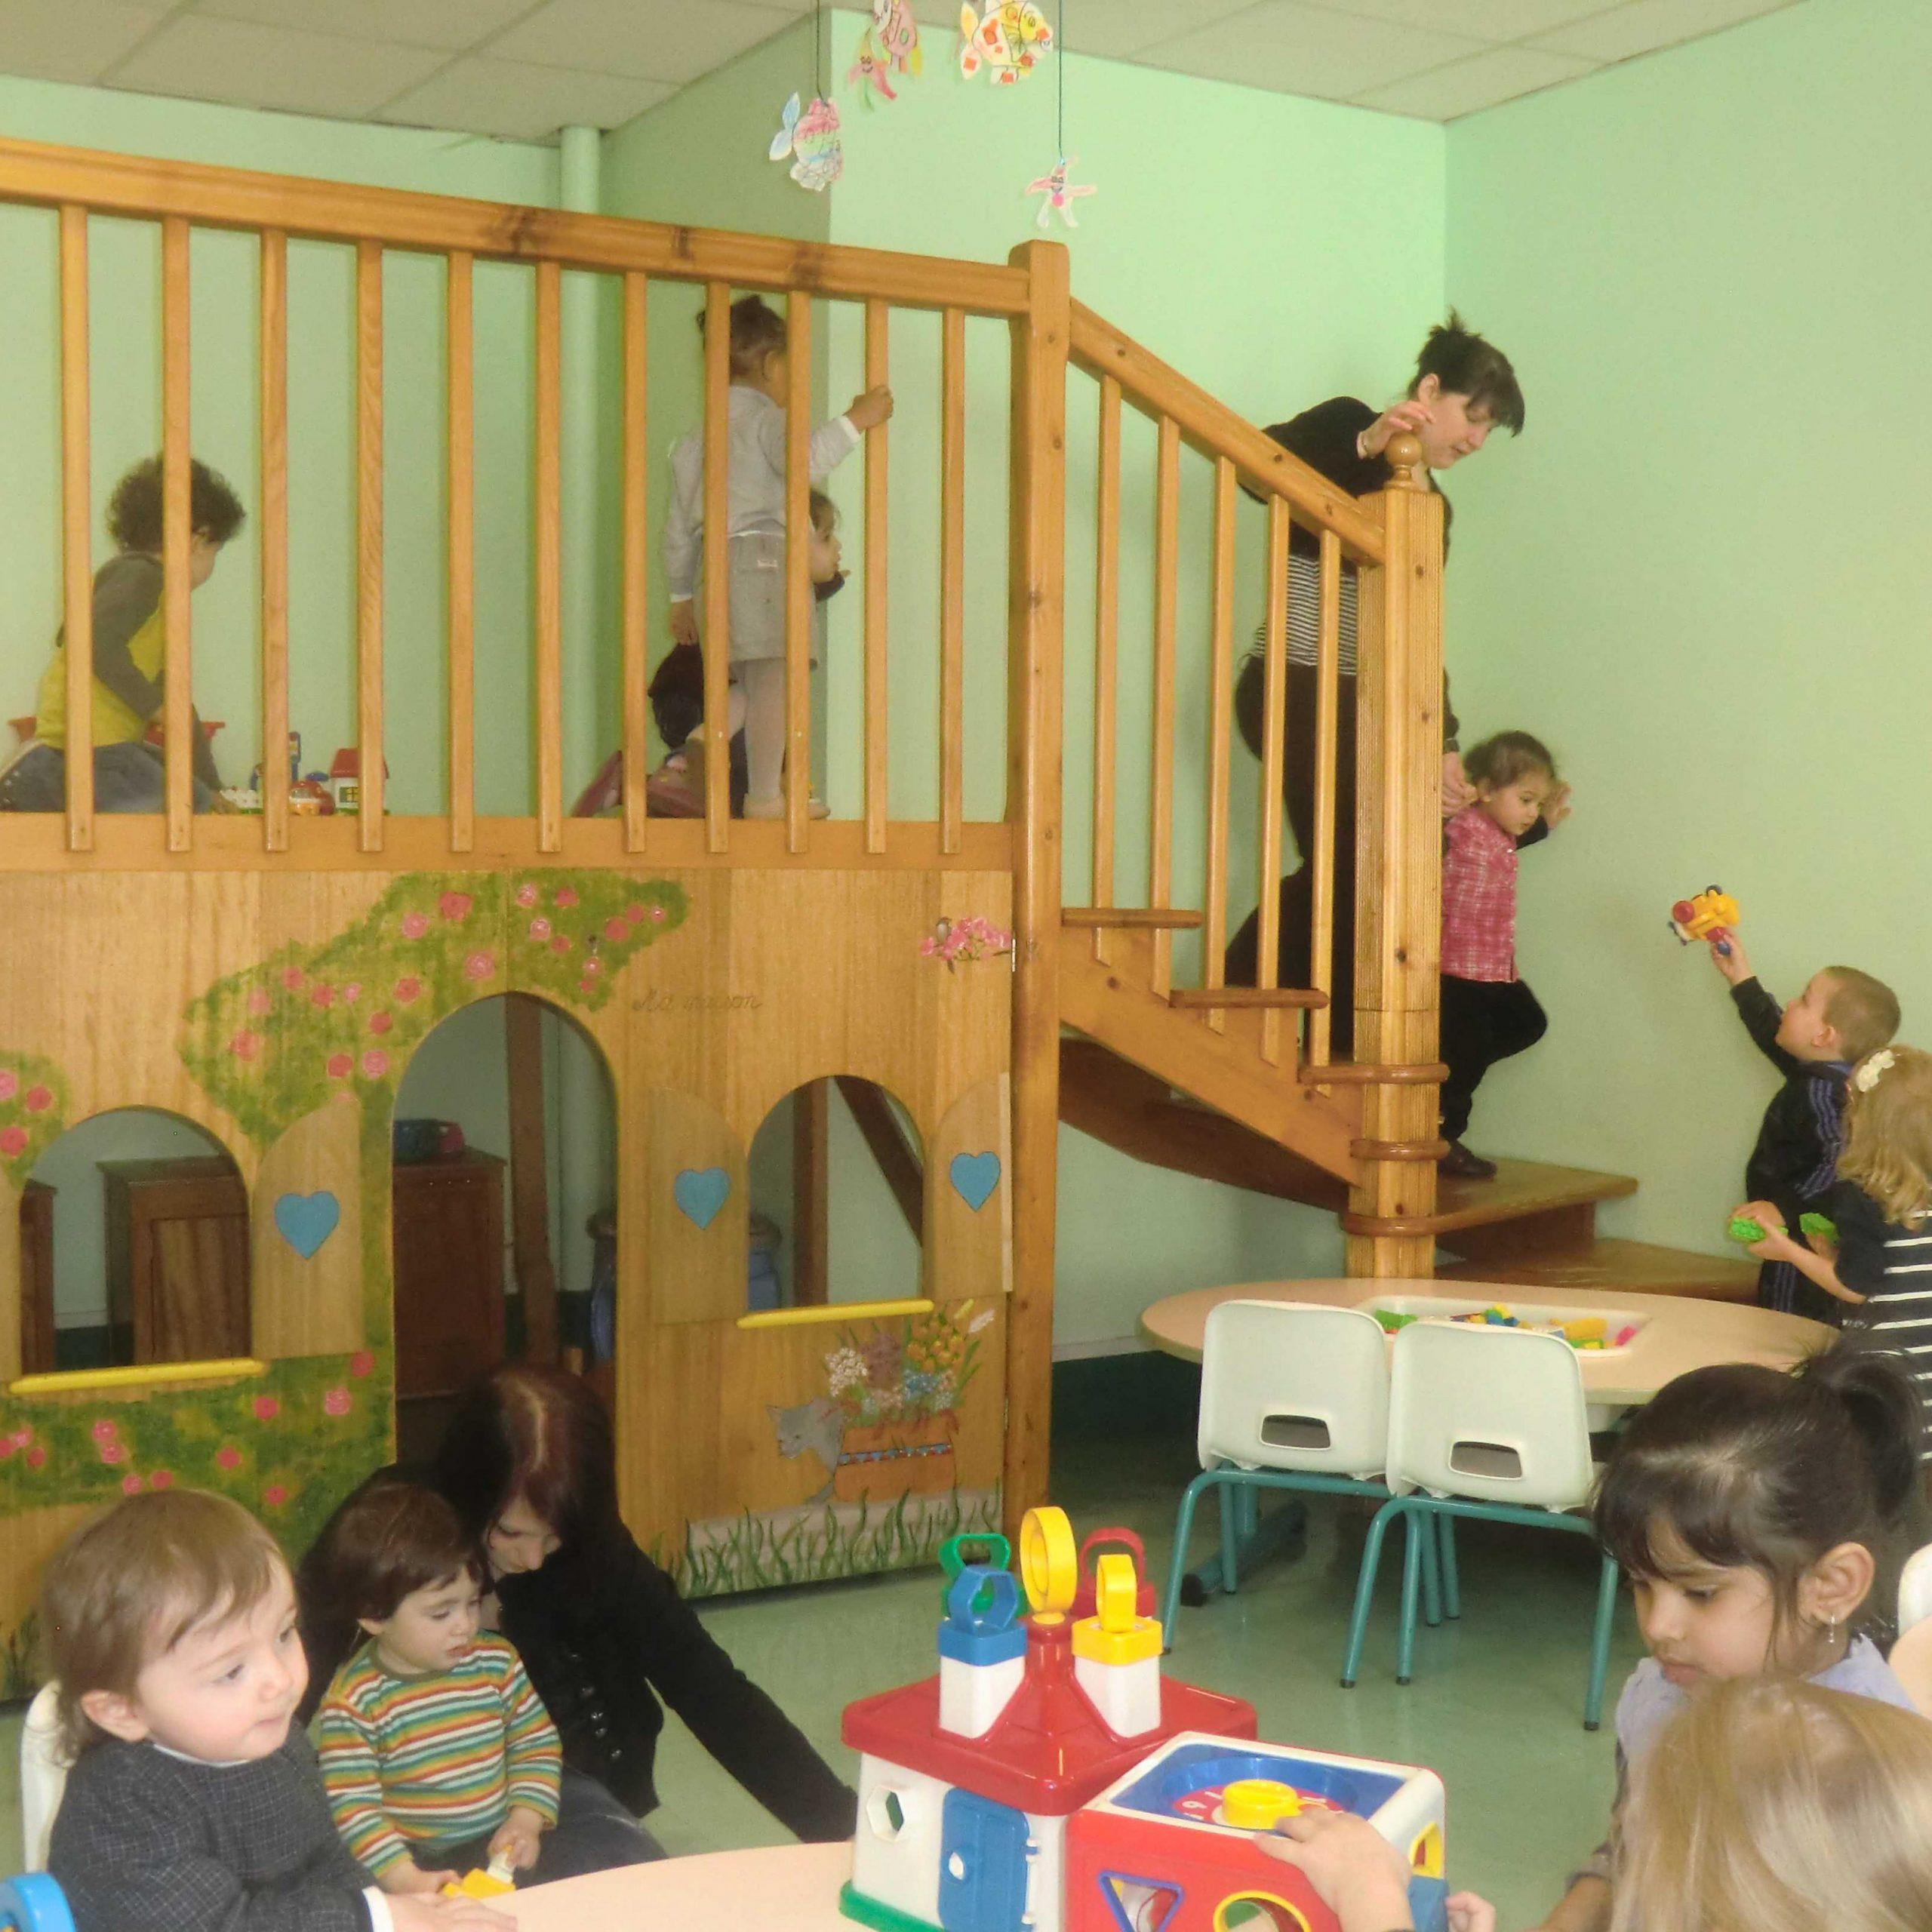 L'espace polyvalent petite enfance | Centre socioculturel ...